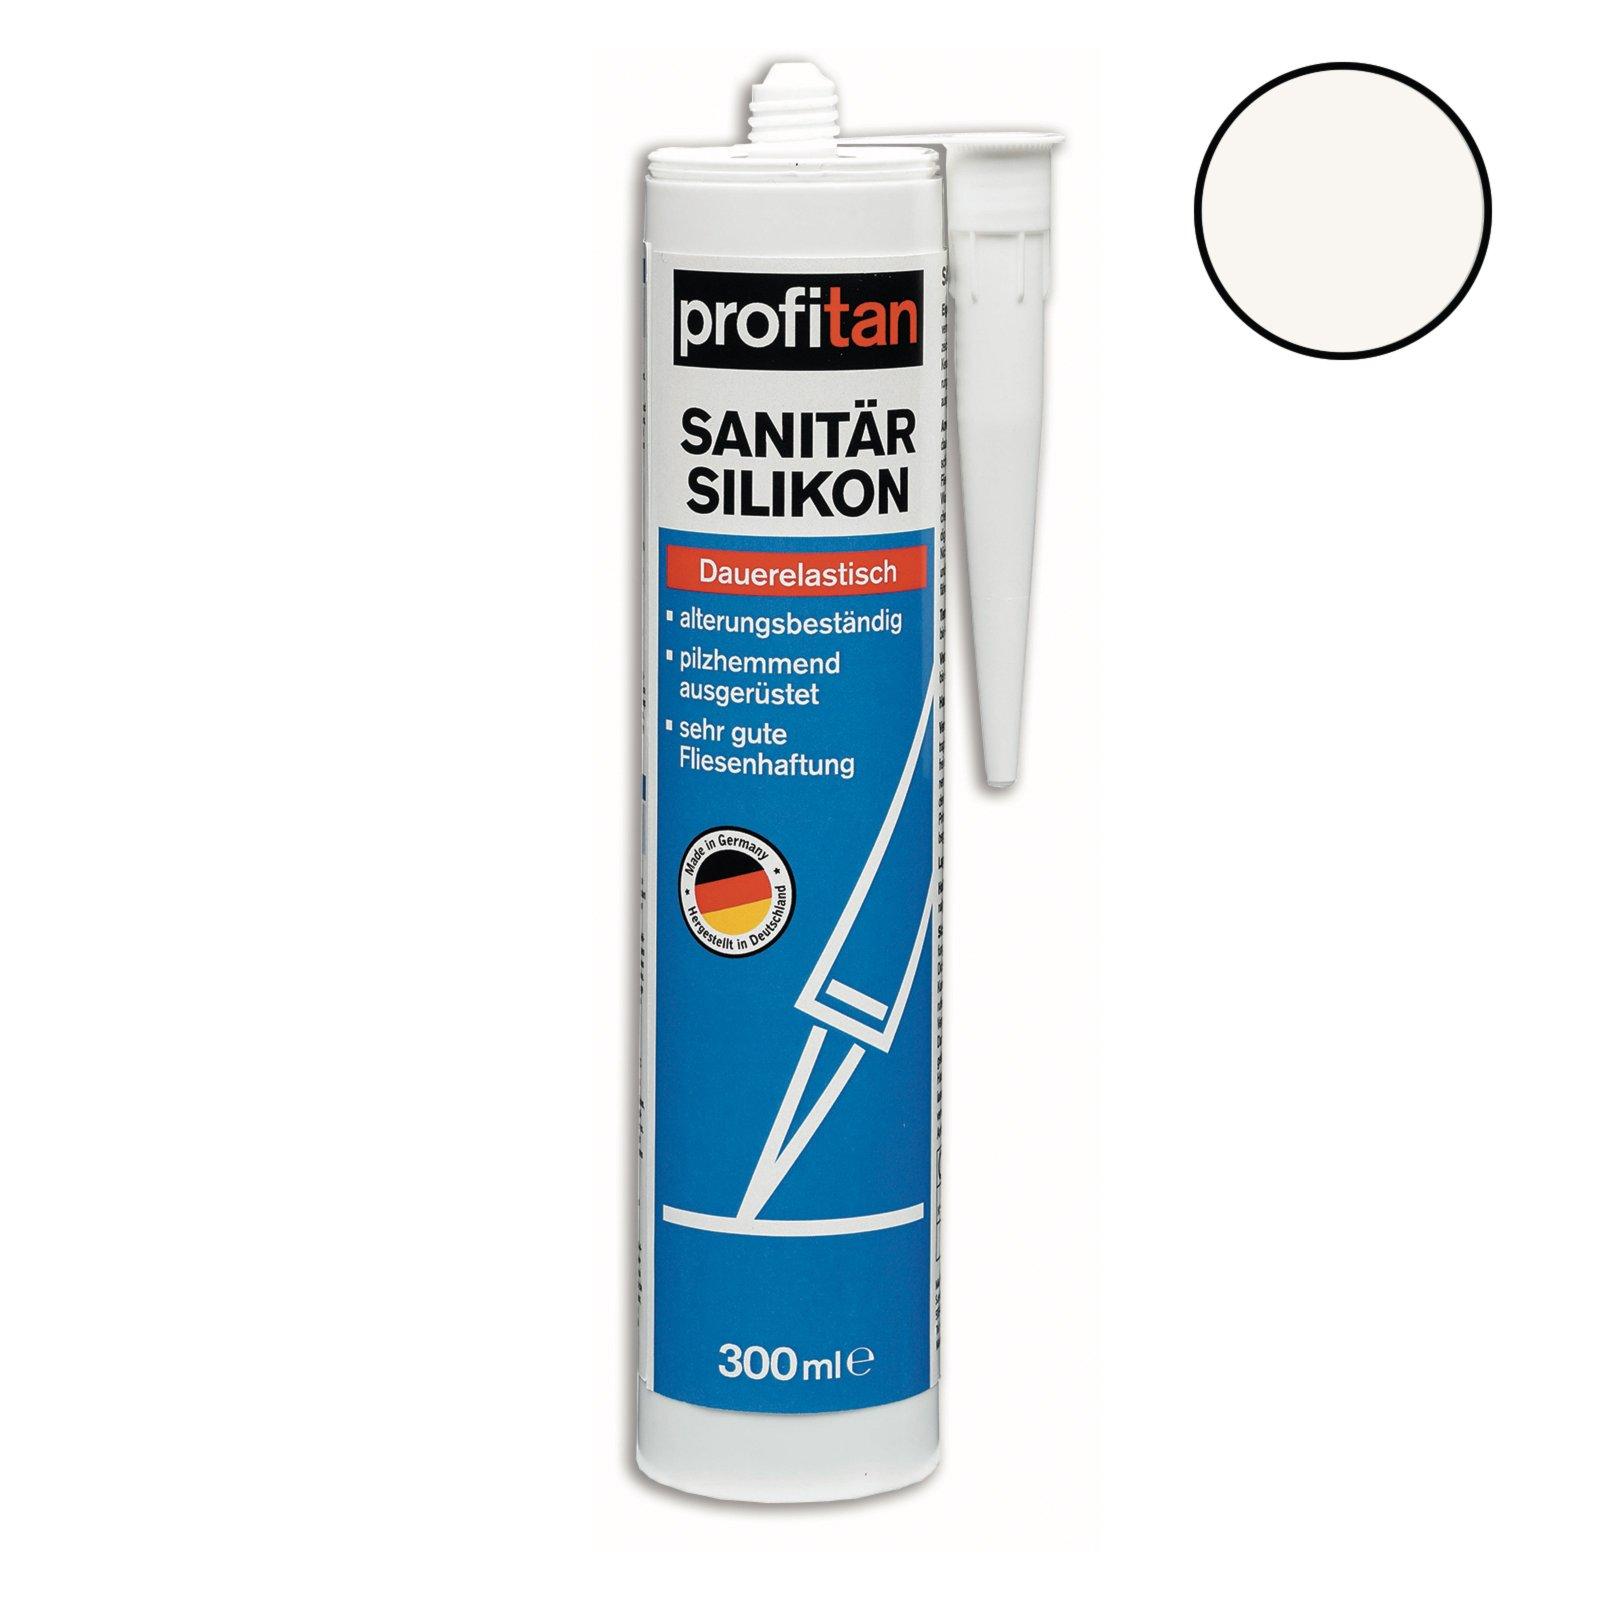 profitan Sanitär-Silikon - cremeweiß - 300 ml